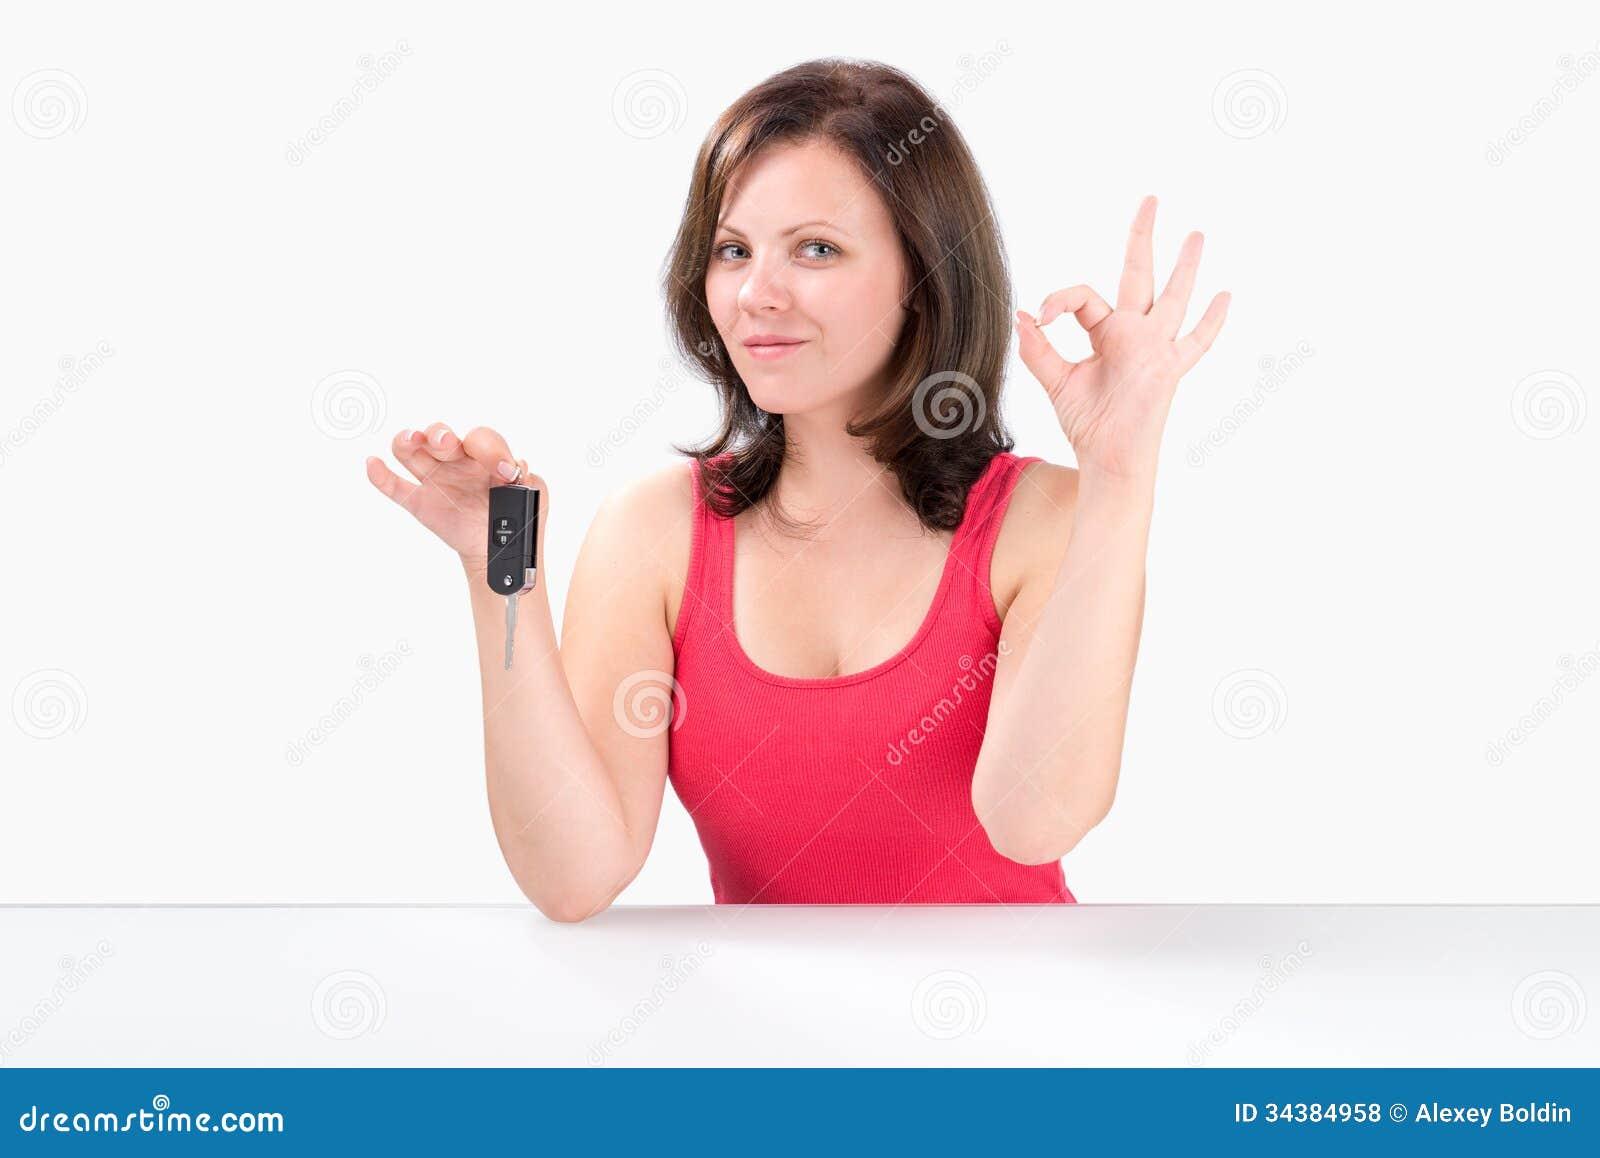 Фото женщина держит как найти мужчину для общения